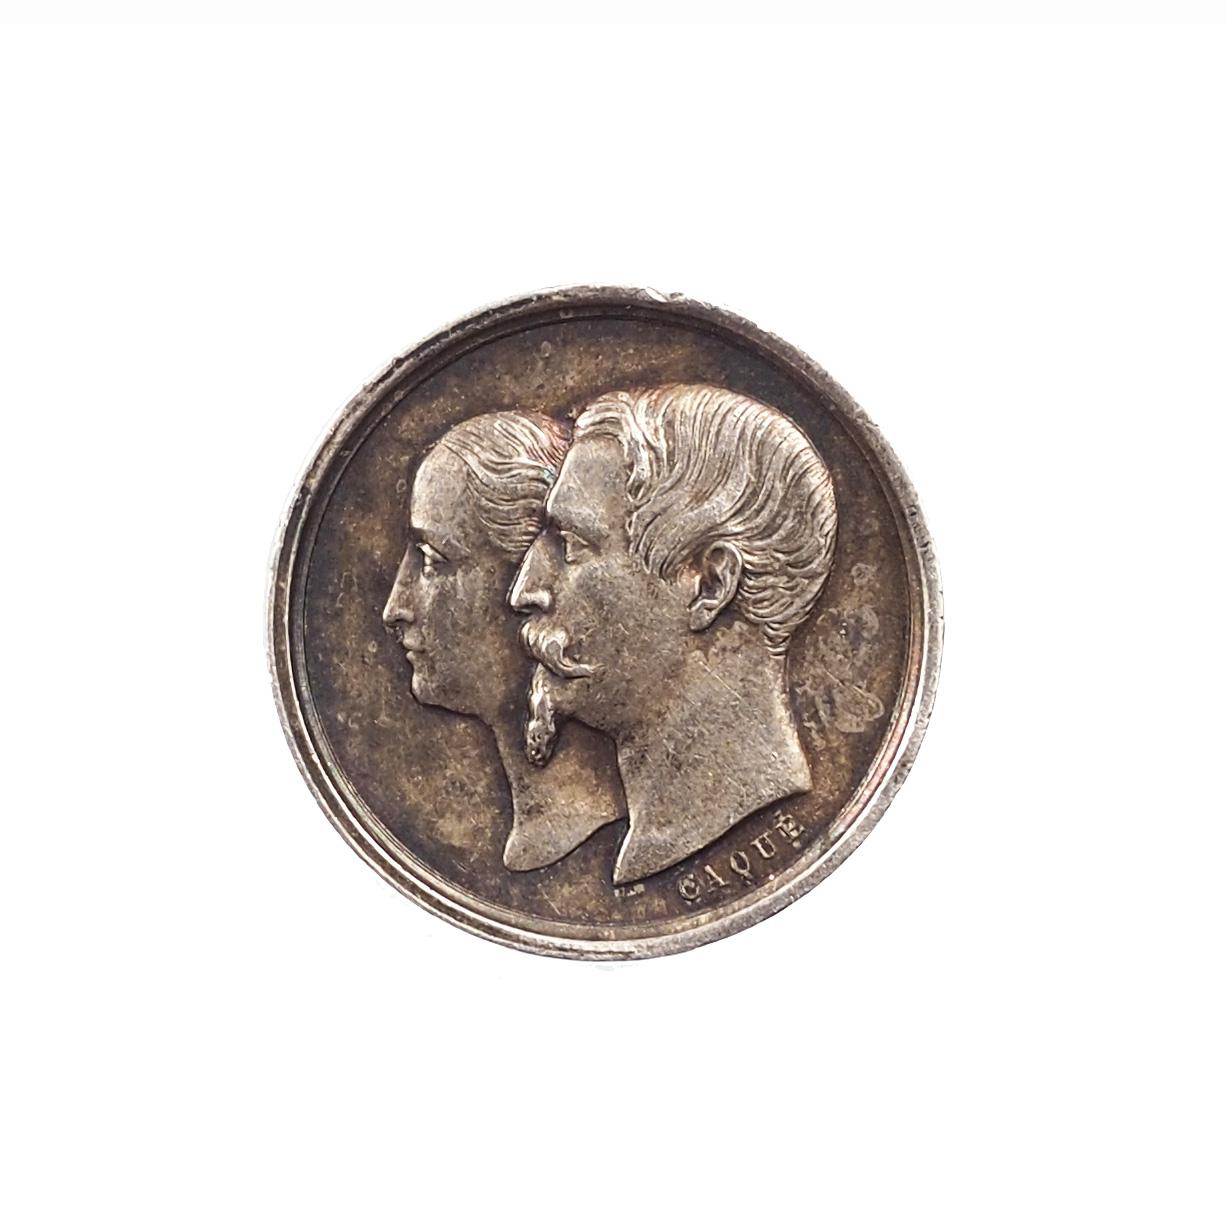 France, Napoléon III, Quinaire pour la Naissance de Napoléon IV, SUP, Argent